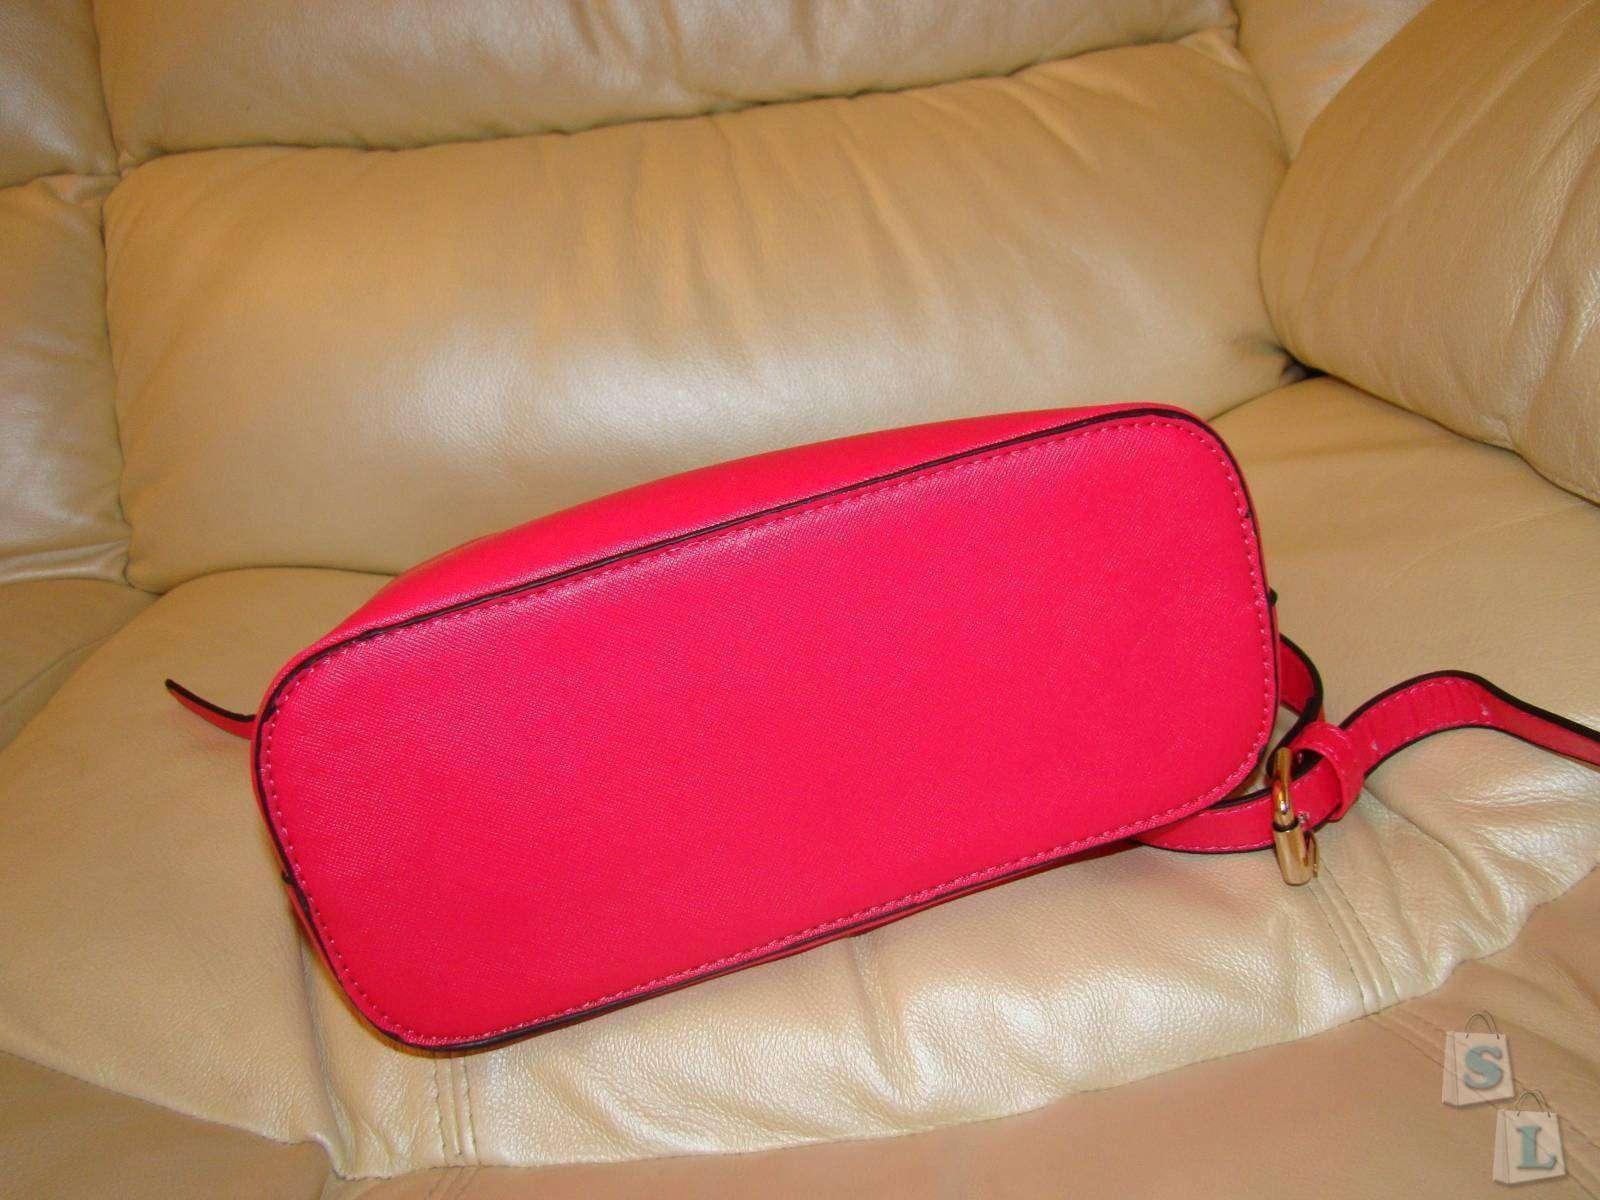 Aliexpress: Отличная небольшая женская сумочка клатч.